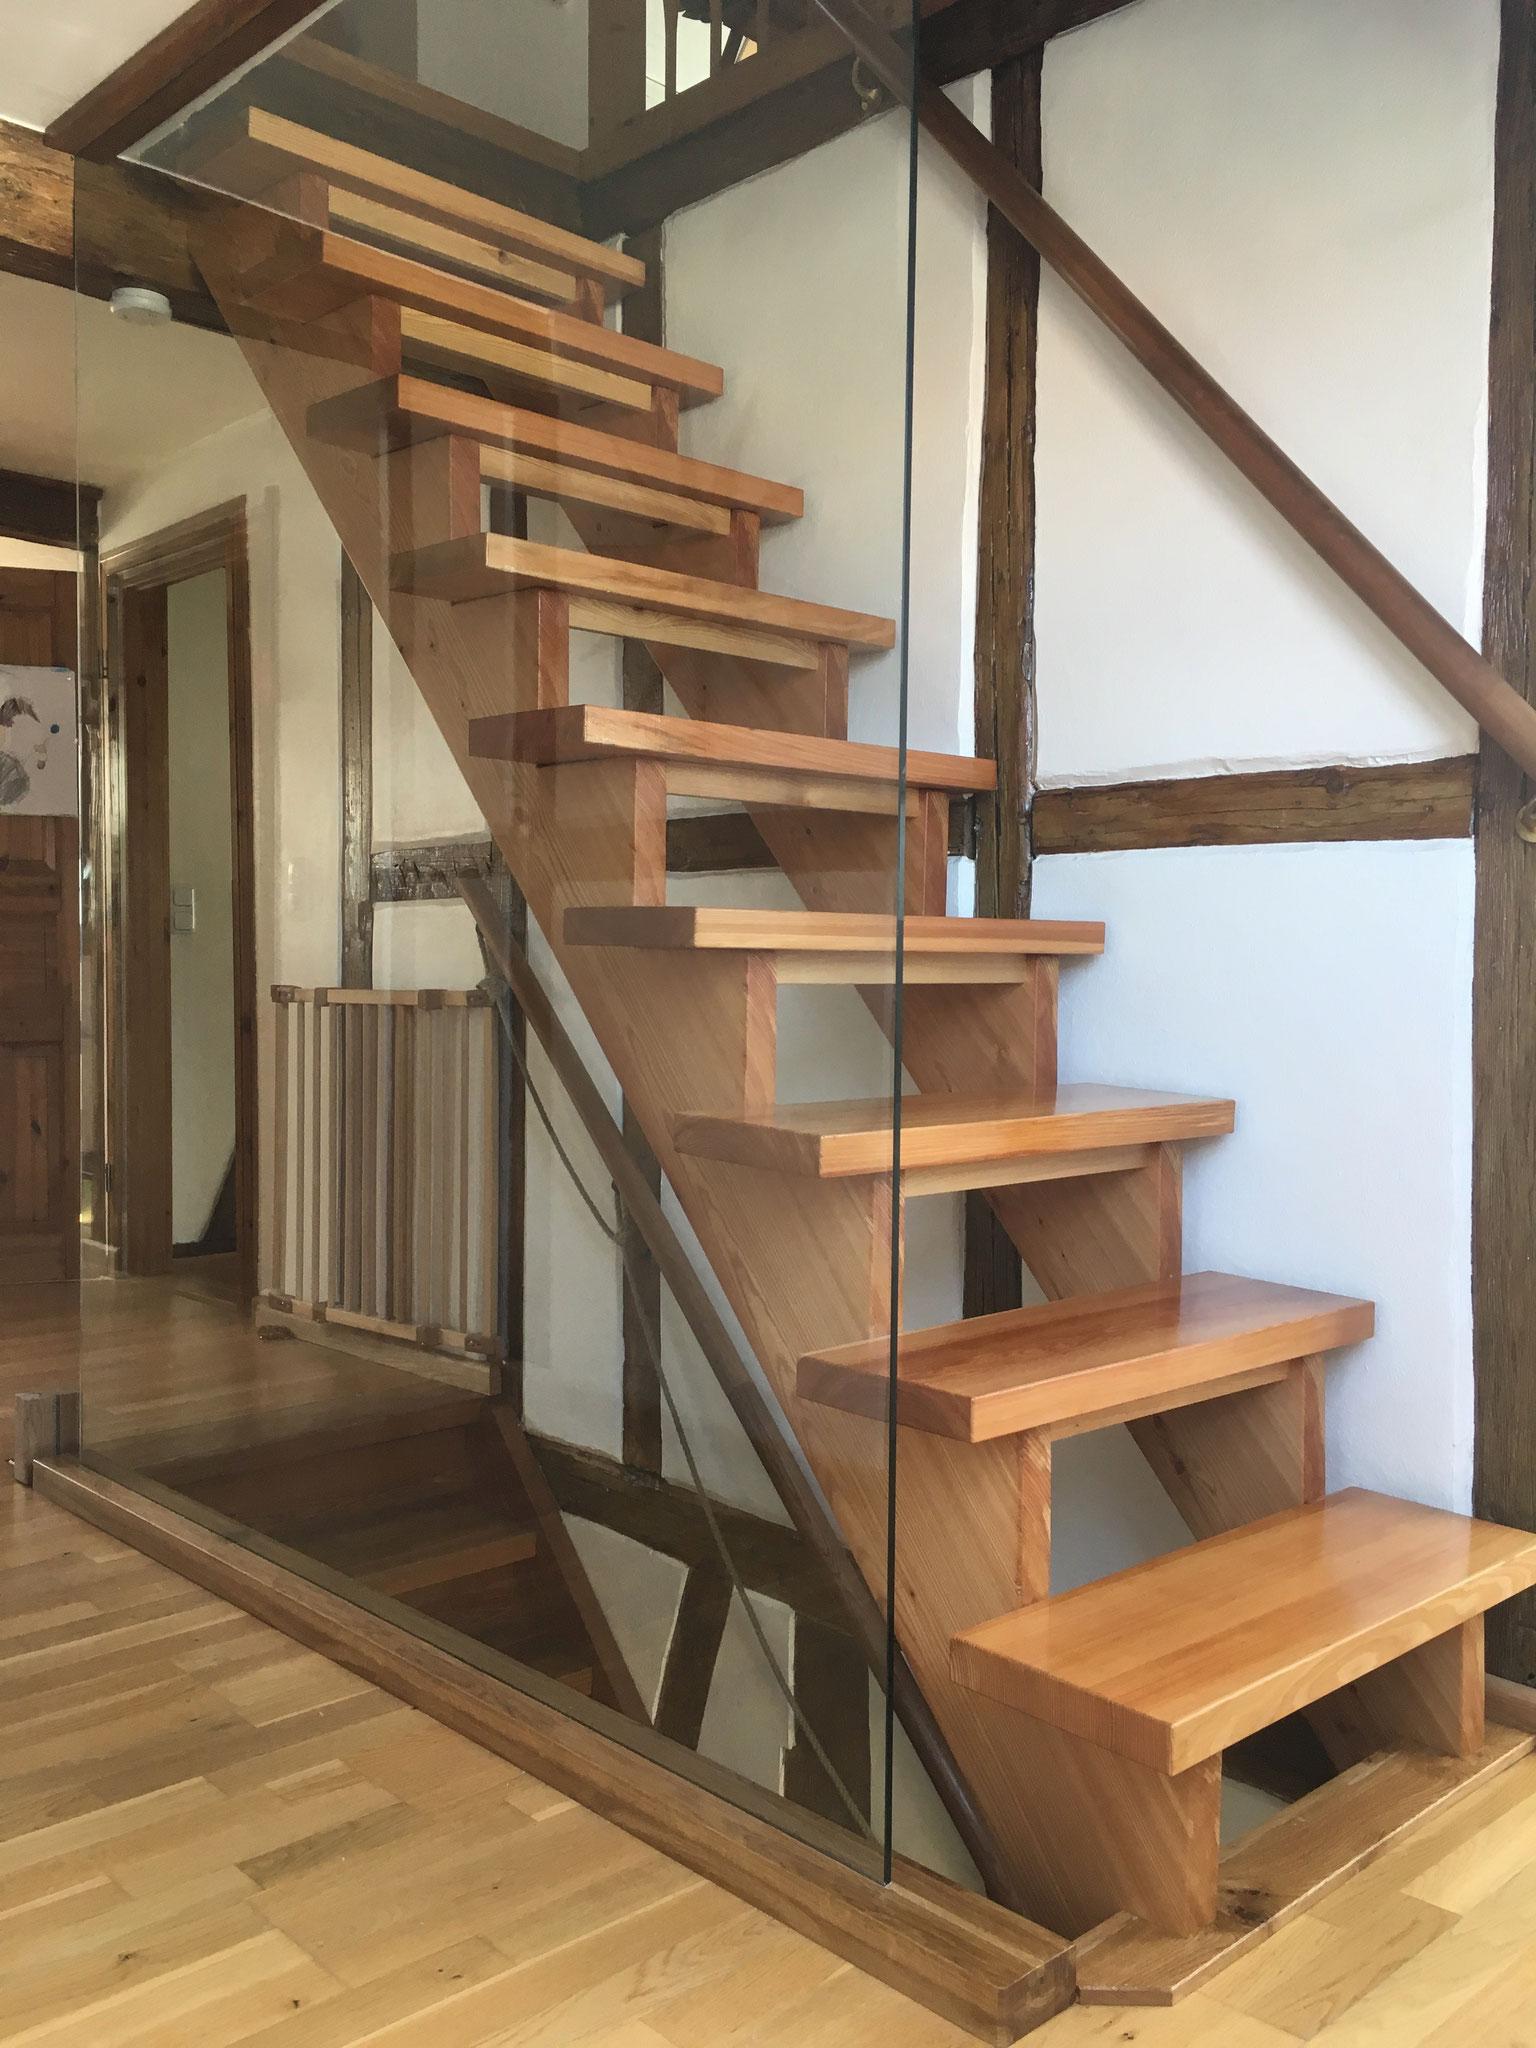 Aufarbeitung von Treppen und Absturzsicherung